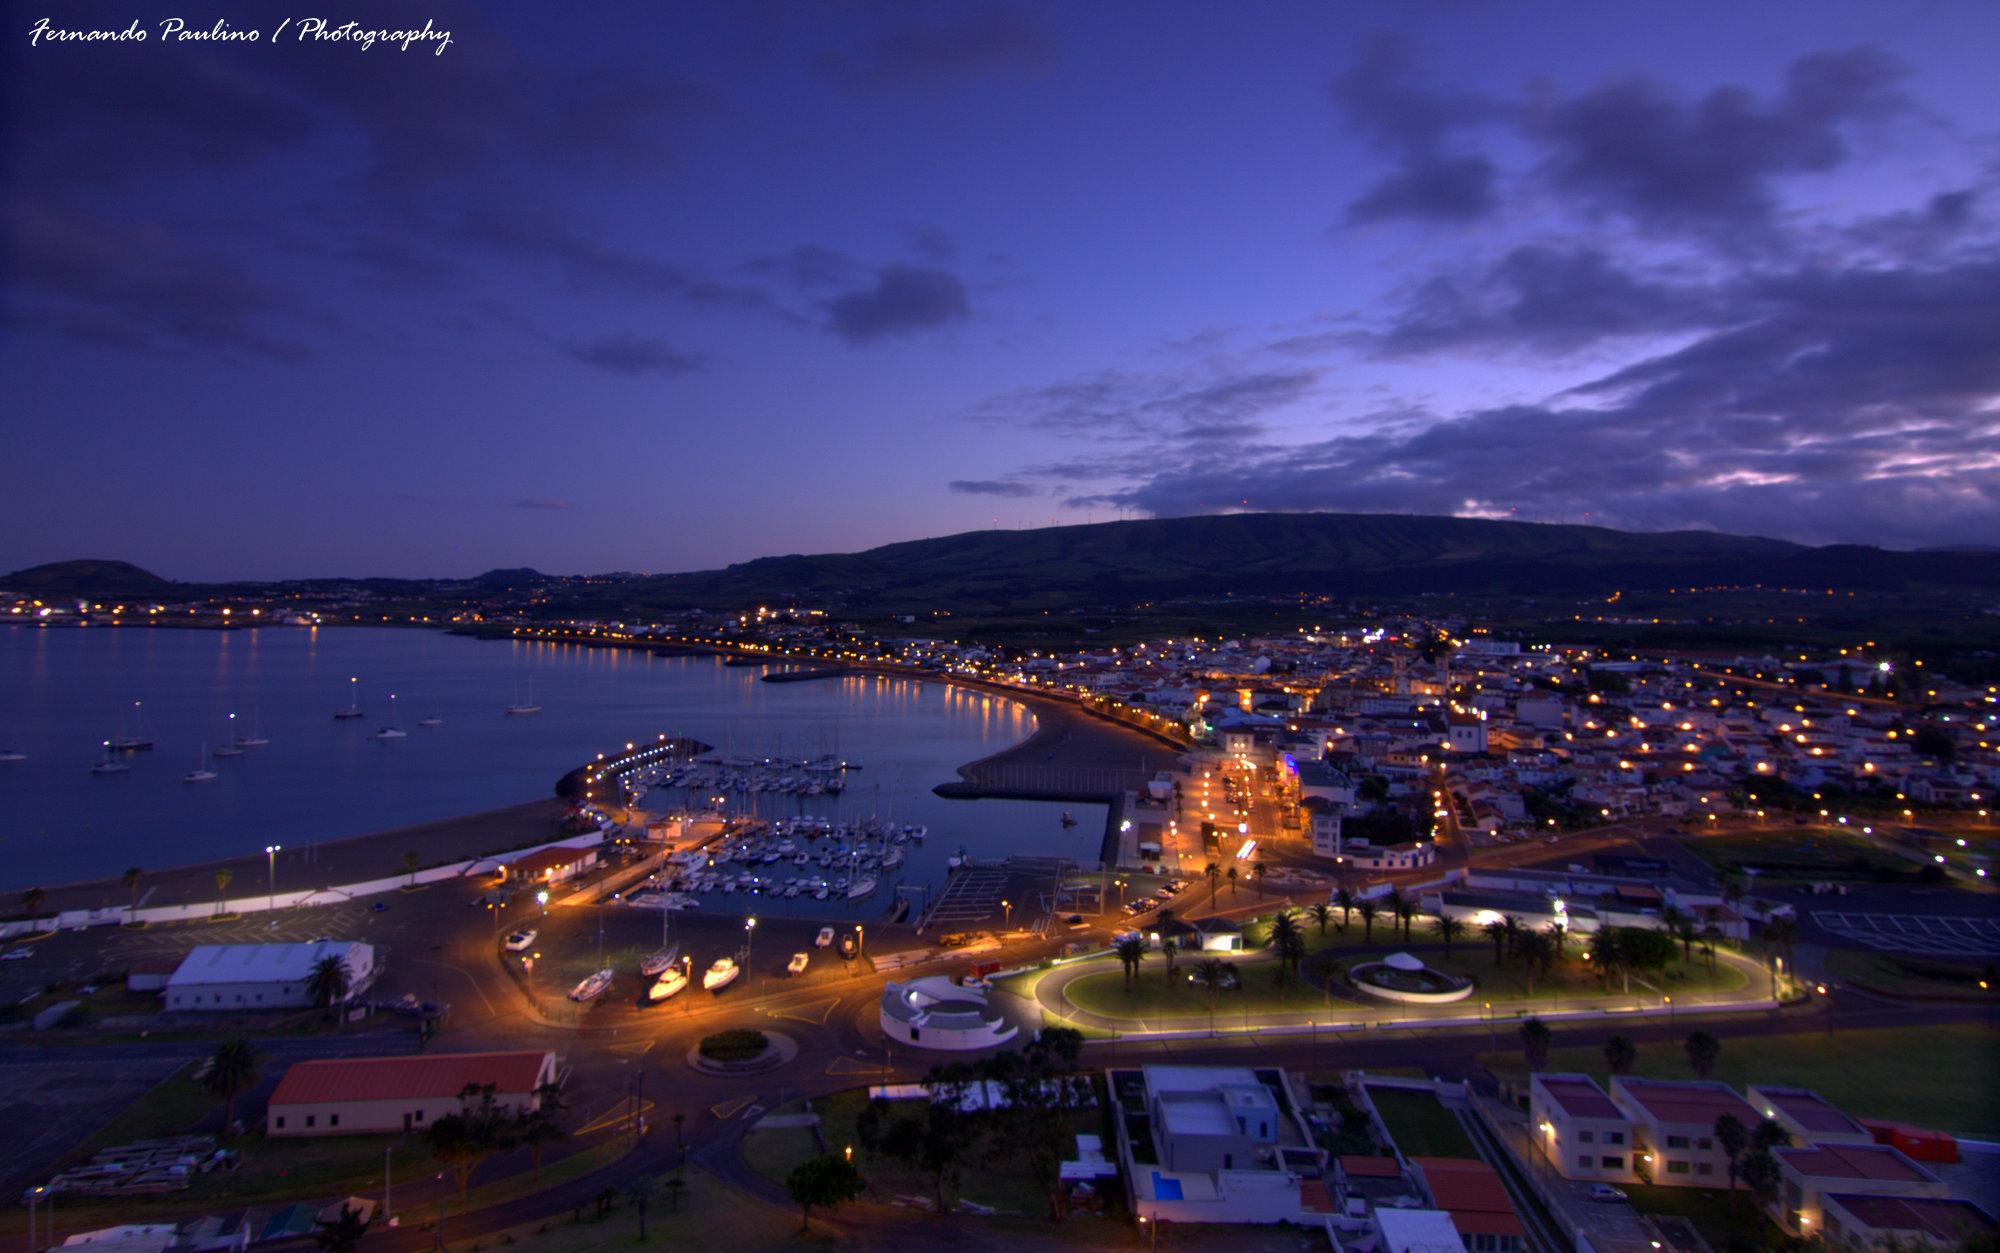 Ao cair da noite na Cidade da Praia , ilha Terceira .